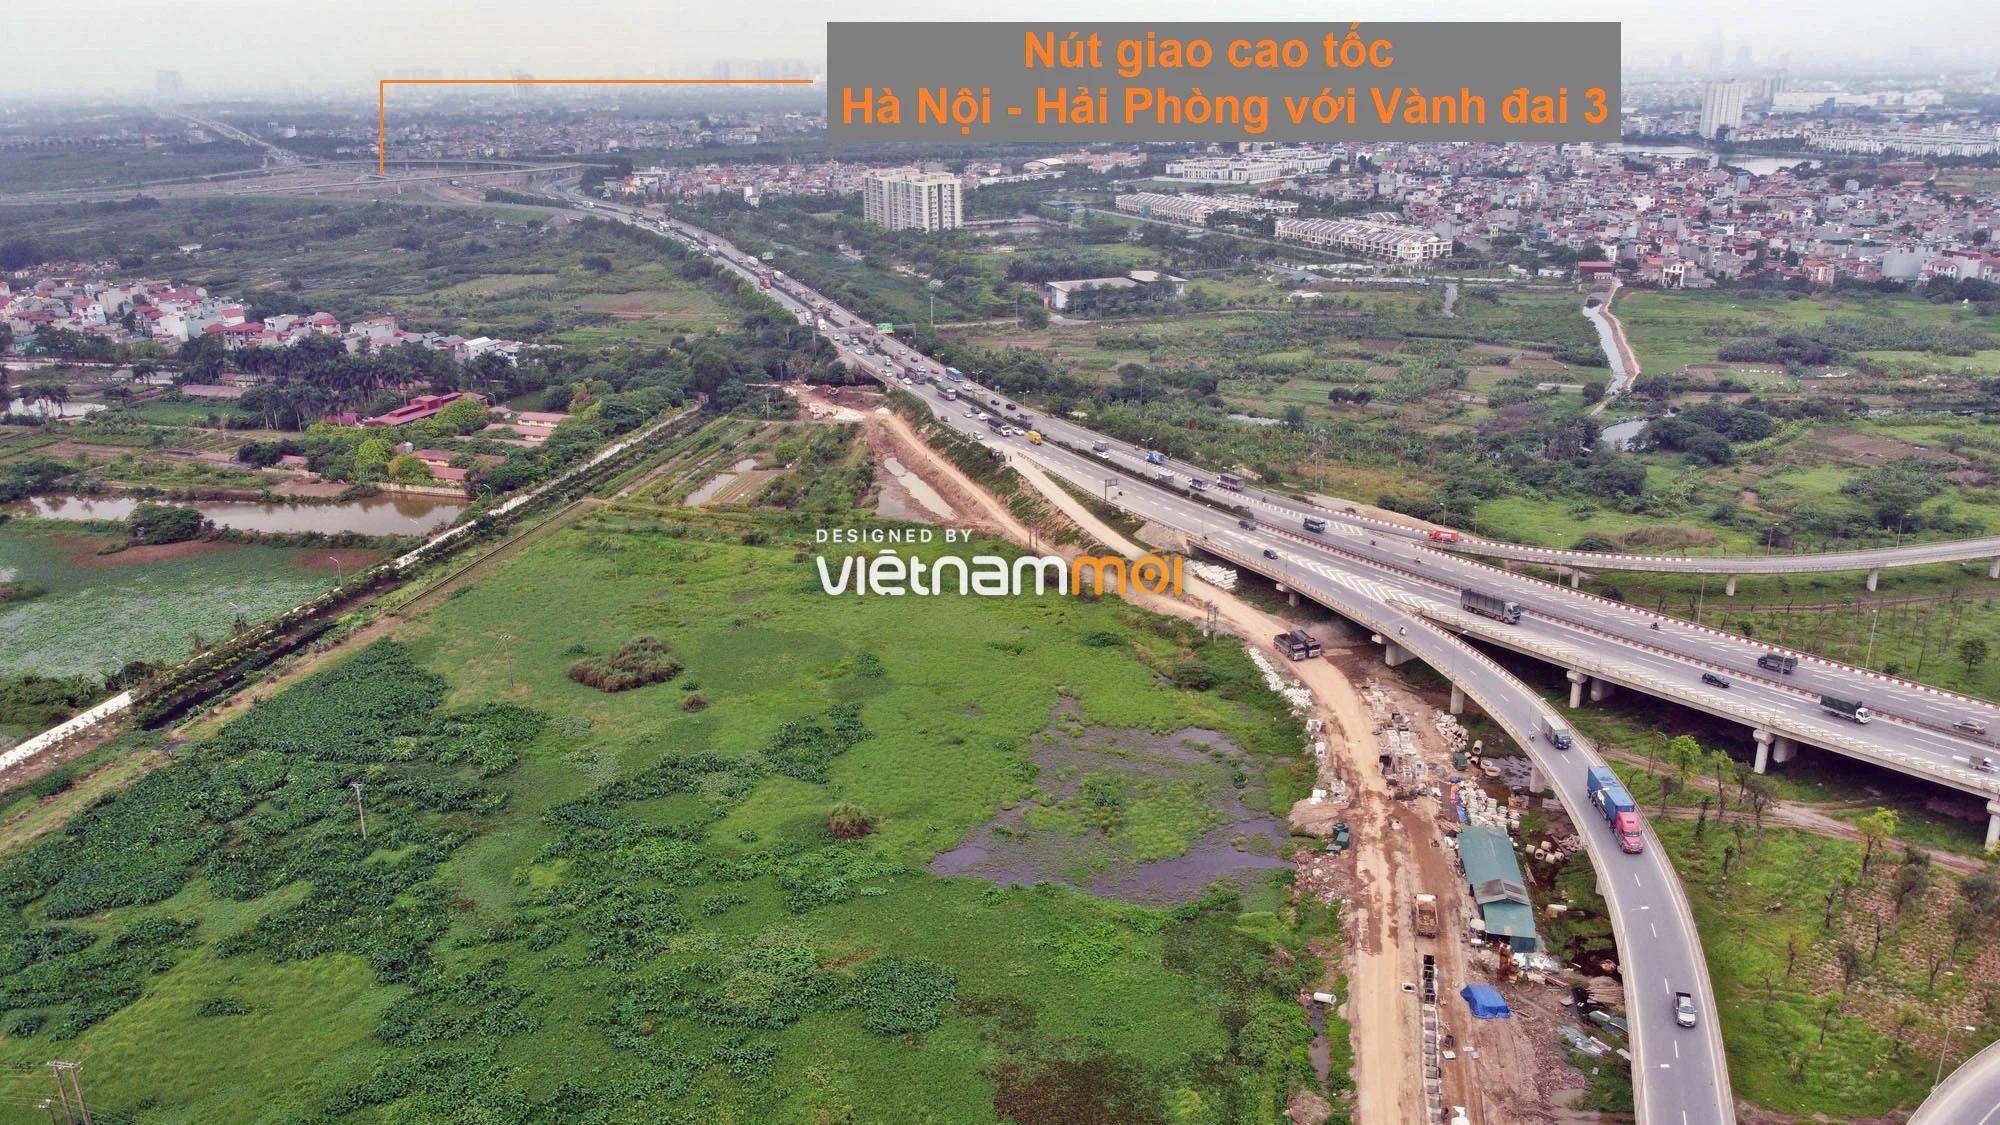 Toàn cảnh tuyến đường gom từ cầu Thanh Trì đến cầu vượt Phú Thị đang mở theo quy hoạch ở Hà Nội - Ảnh 1.